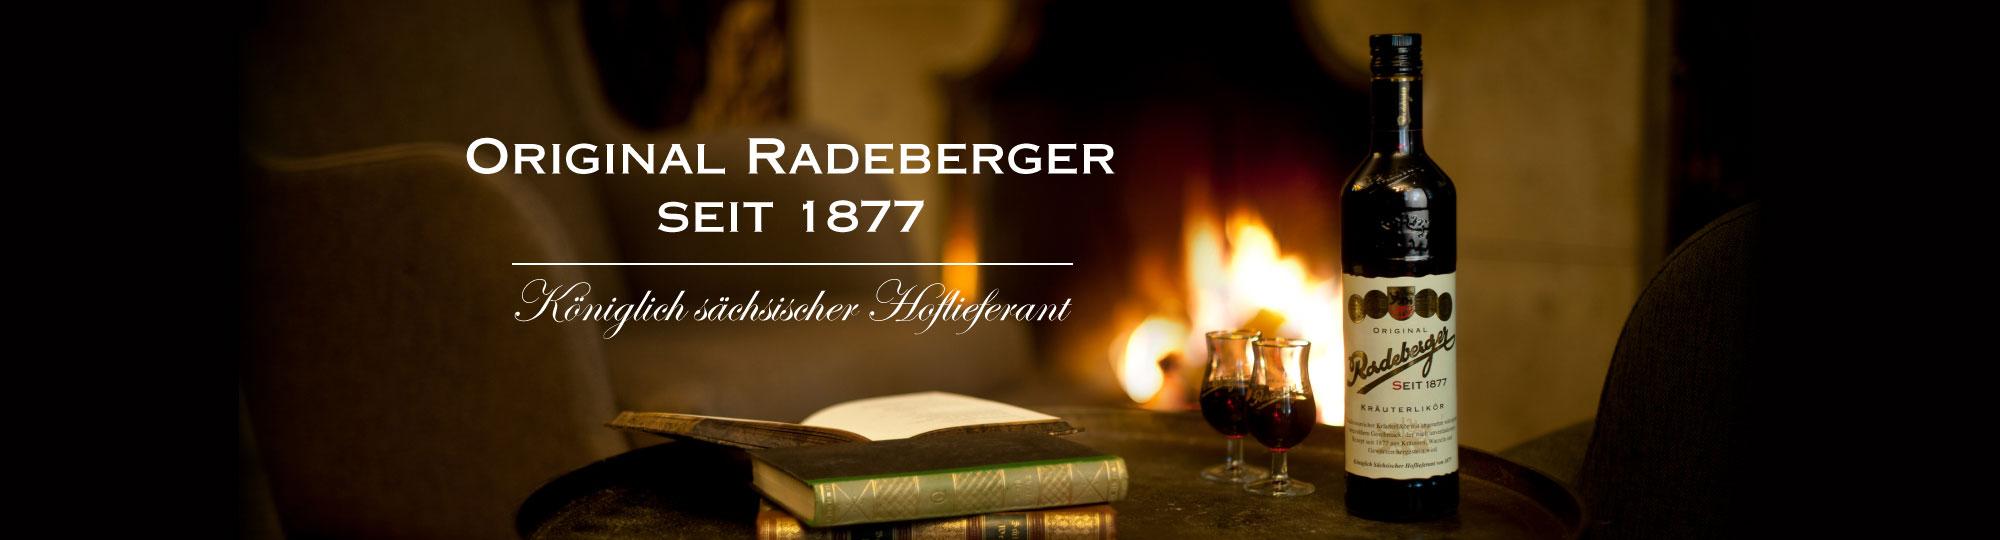 Original Radeberger seit 1877 | Königlich sächsischer Hoflieferant